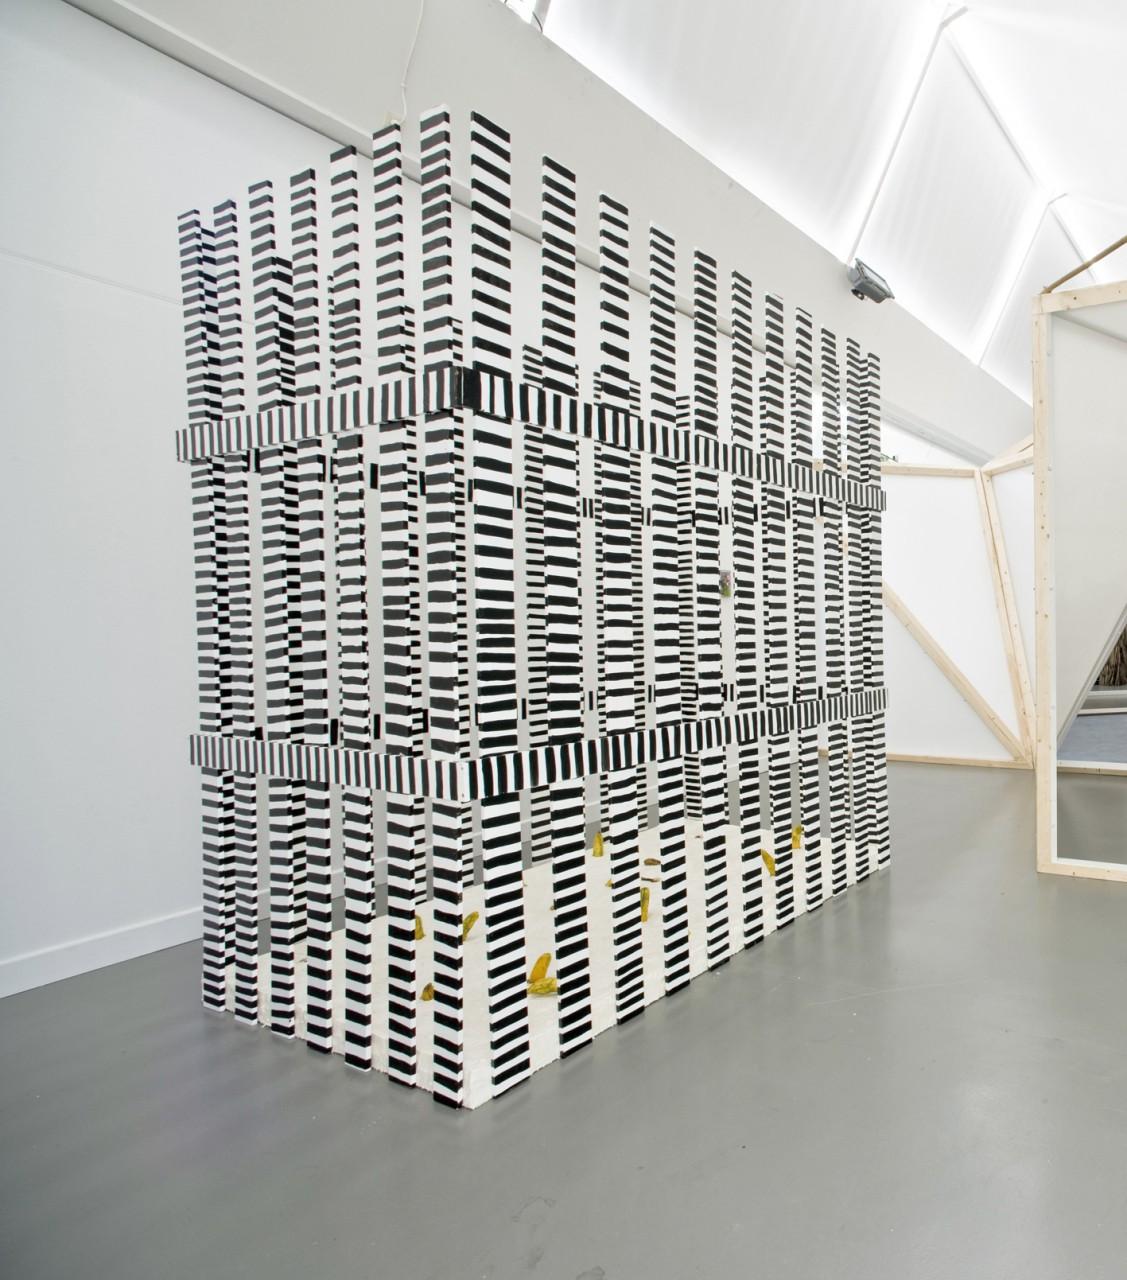 Cucumberfield, 2008, Gurken, Latex, Schaumstoff auf Leinwand, Holz, Lack , 220 x 138 x 260 cm